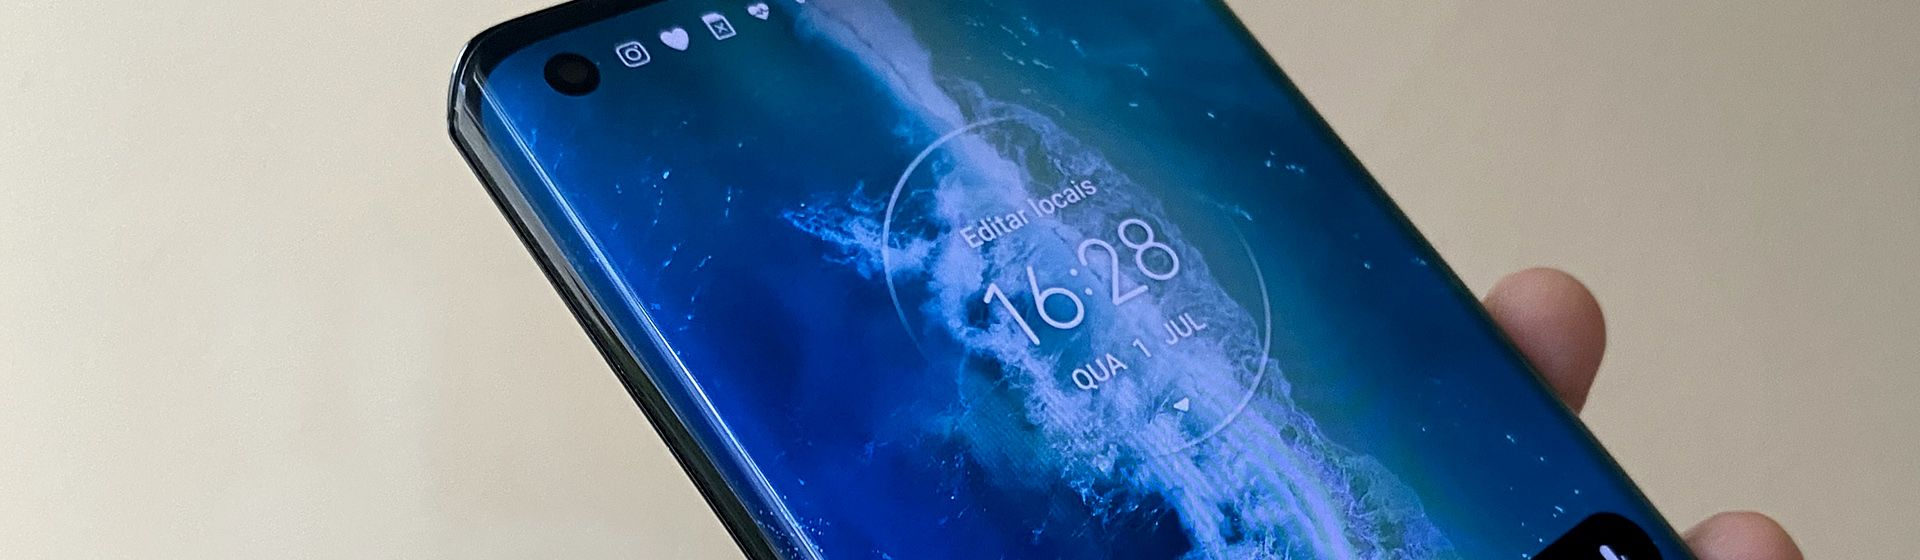 Motorola Edge+ chega ao Brasil com 5G; veja preço e ficha técnica